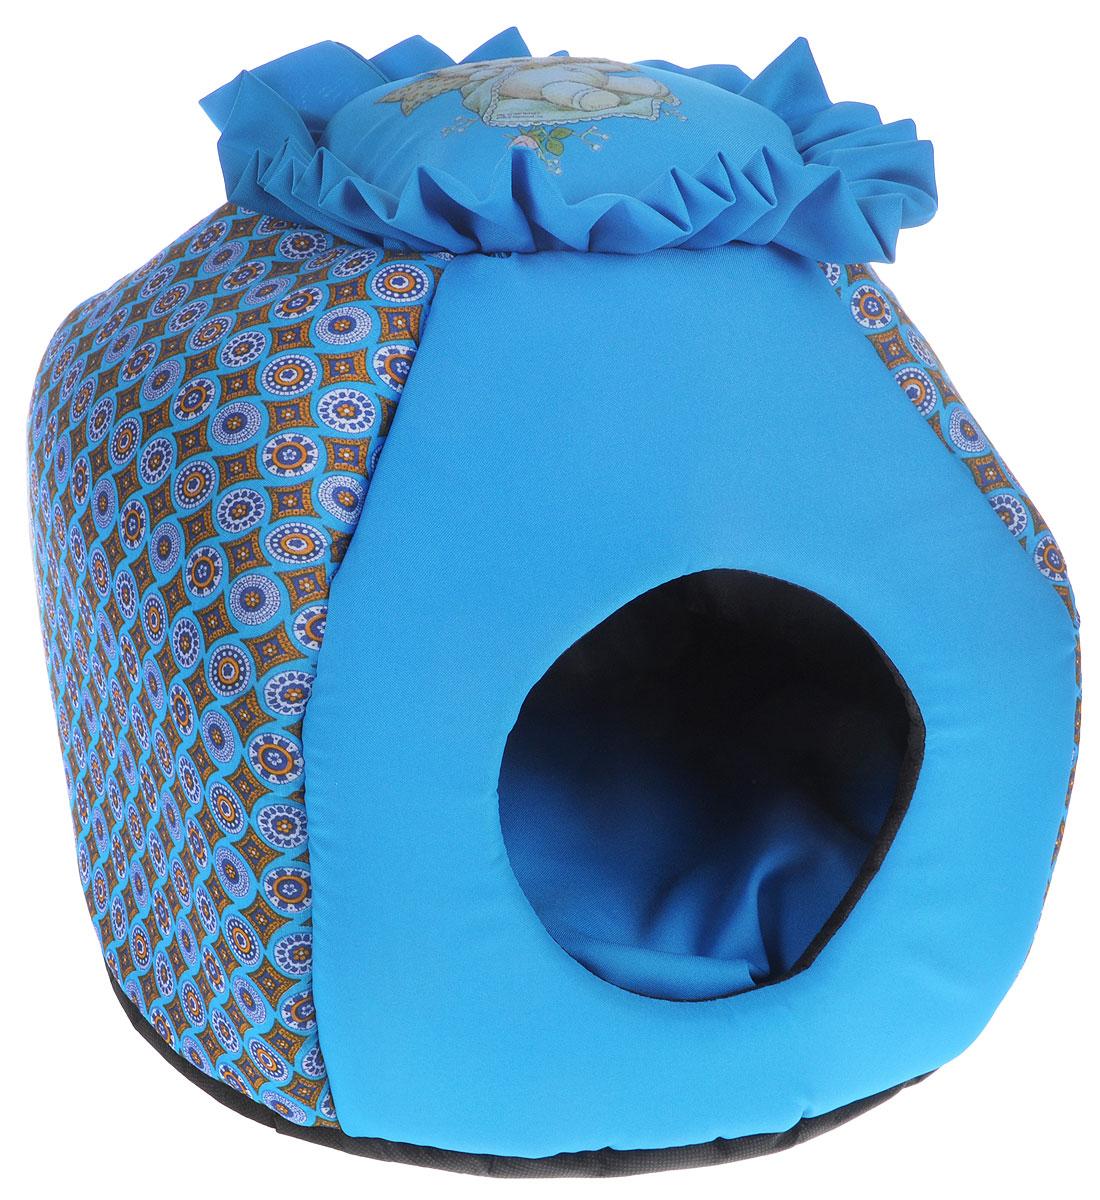 Домик-трансформер для животных GLG Гнездышко, цвет: голубой, 36 х 36 x 46 смL007_голубойМягкий домик-трансформер GLG Гнездышко обязательно понравится вашему питомцу. Он выполнен из высококачественного материала, а наполнитель - из мягкого поролона и синтепона. Такие материалы не теряют своей формы долгое время. Домик-трансформер оснащен мягкой съемной подстилкой. При необходимости его можно преобразовать в лежак с высокими бортиками, которые обеспечат вашему любимцу уют. Домик-трансформер GLG Гнездышко станет излюбленным местом вашего питомца, подарит ему спокойный и комфортный сон, а также убережет вашу мебель от шерсти. Размер домика-трансформера (в виде лежака): 20 х 36 х 40 см. Размер домика-трансформера (в виде домика): 36 х 36 x 46 см